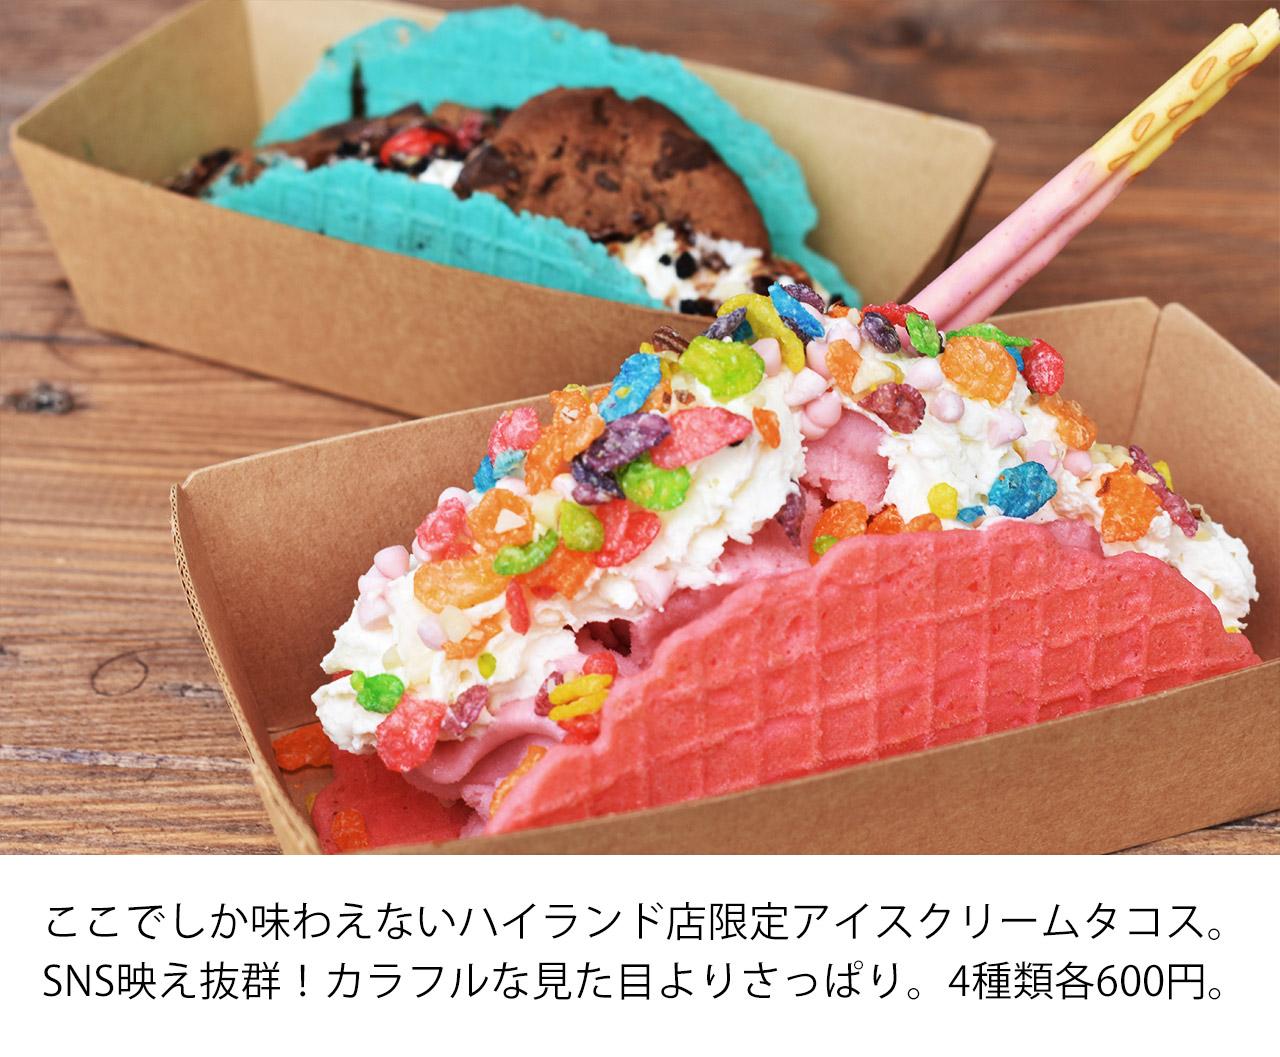 ここでしか味わえないハイランド店限定アイスクリームタコス。SNS映え抜群!カラフルな見た目よりさっぱり。4種類各600円。